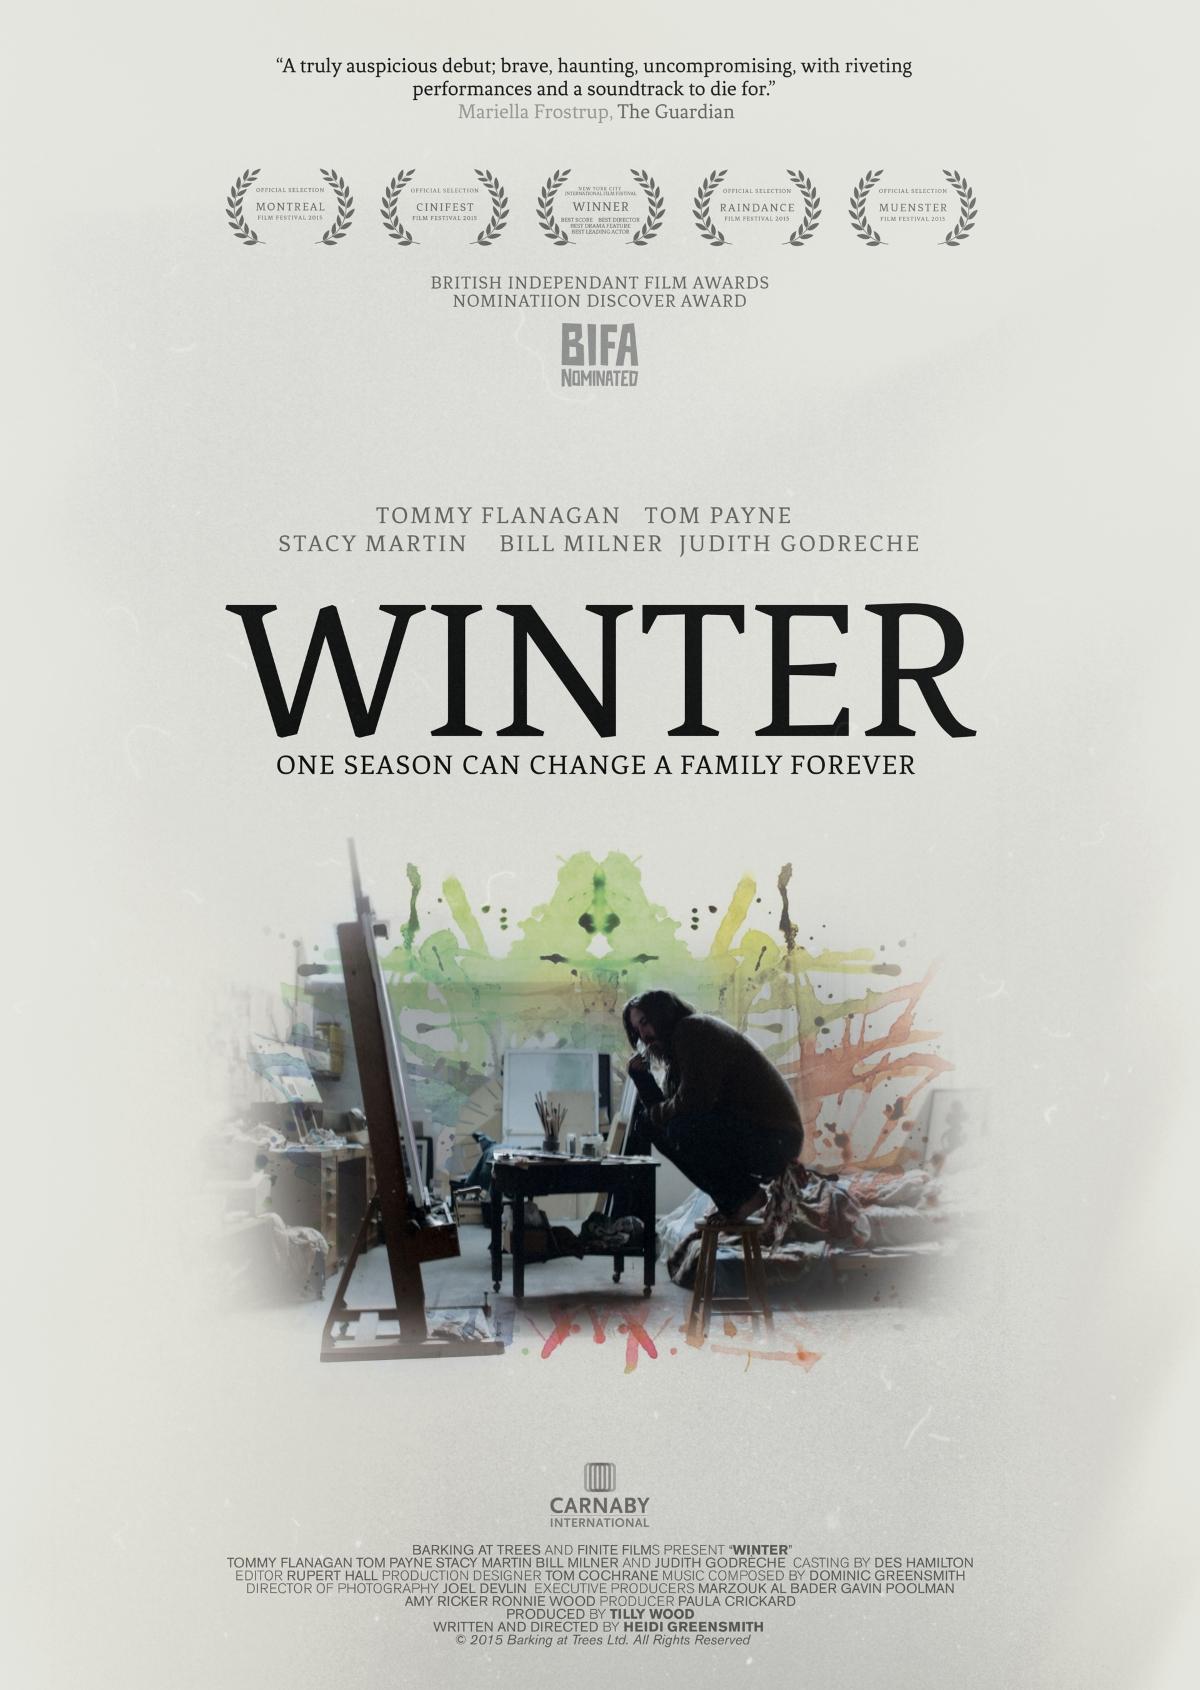 winter movie trailer teaser trailer. Black Bedroom Furniture Sets. Home Design Ideas